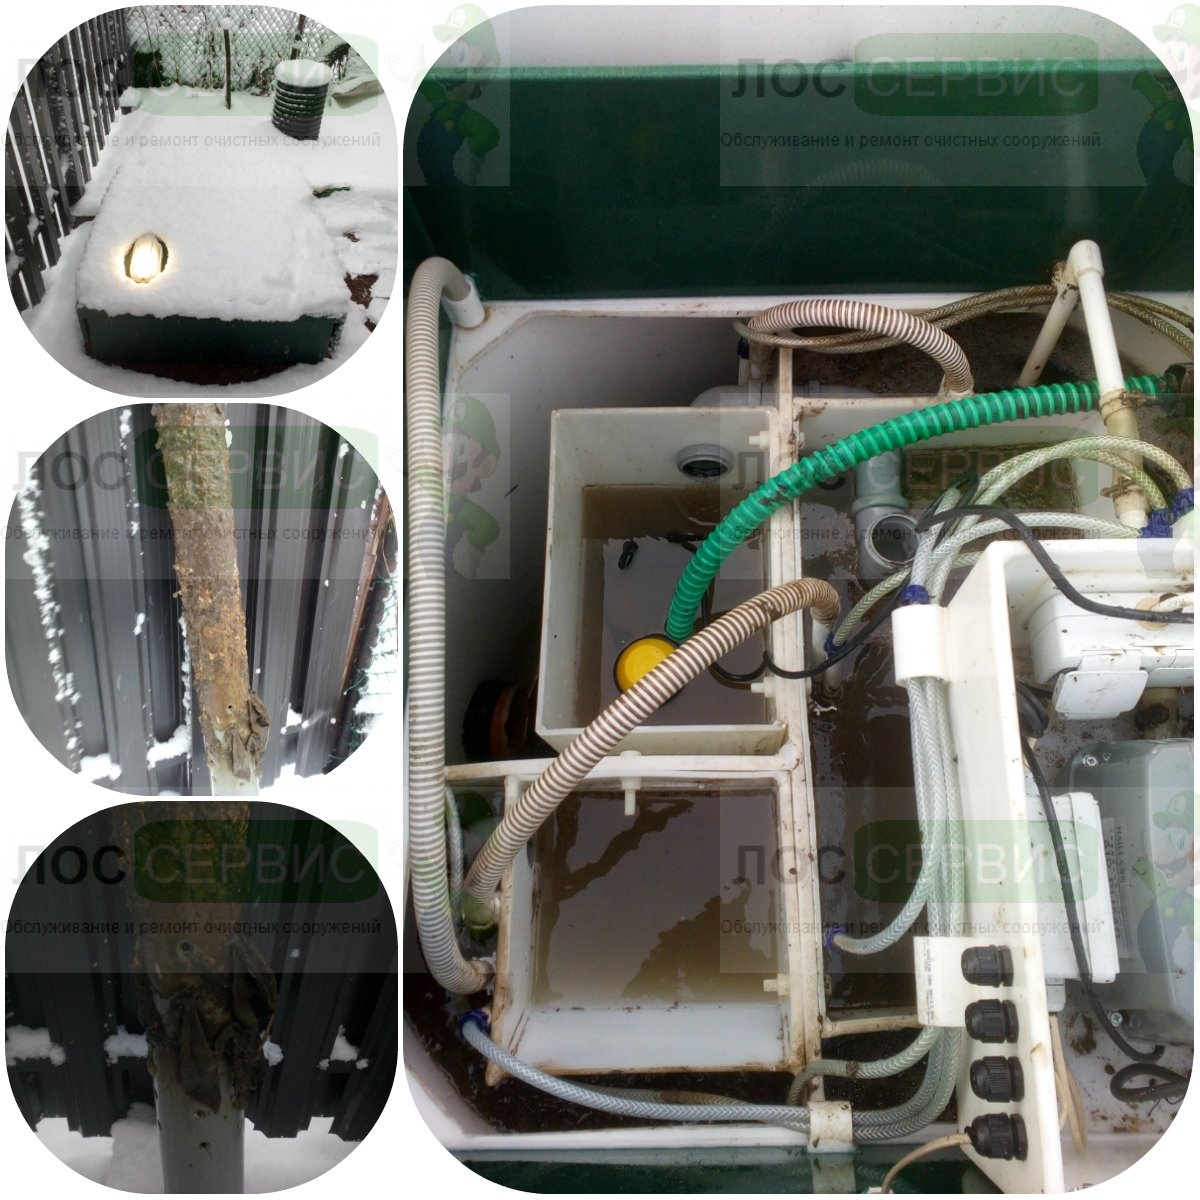 обслуживание септика биодека